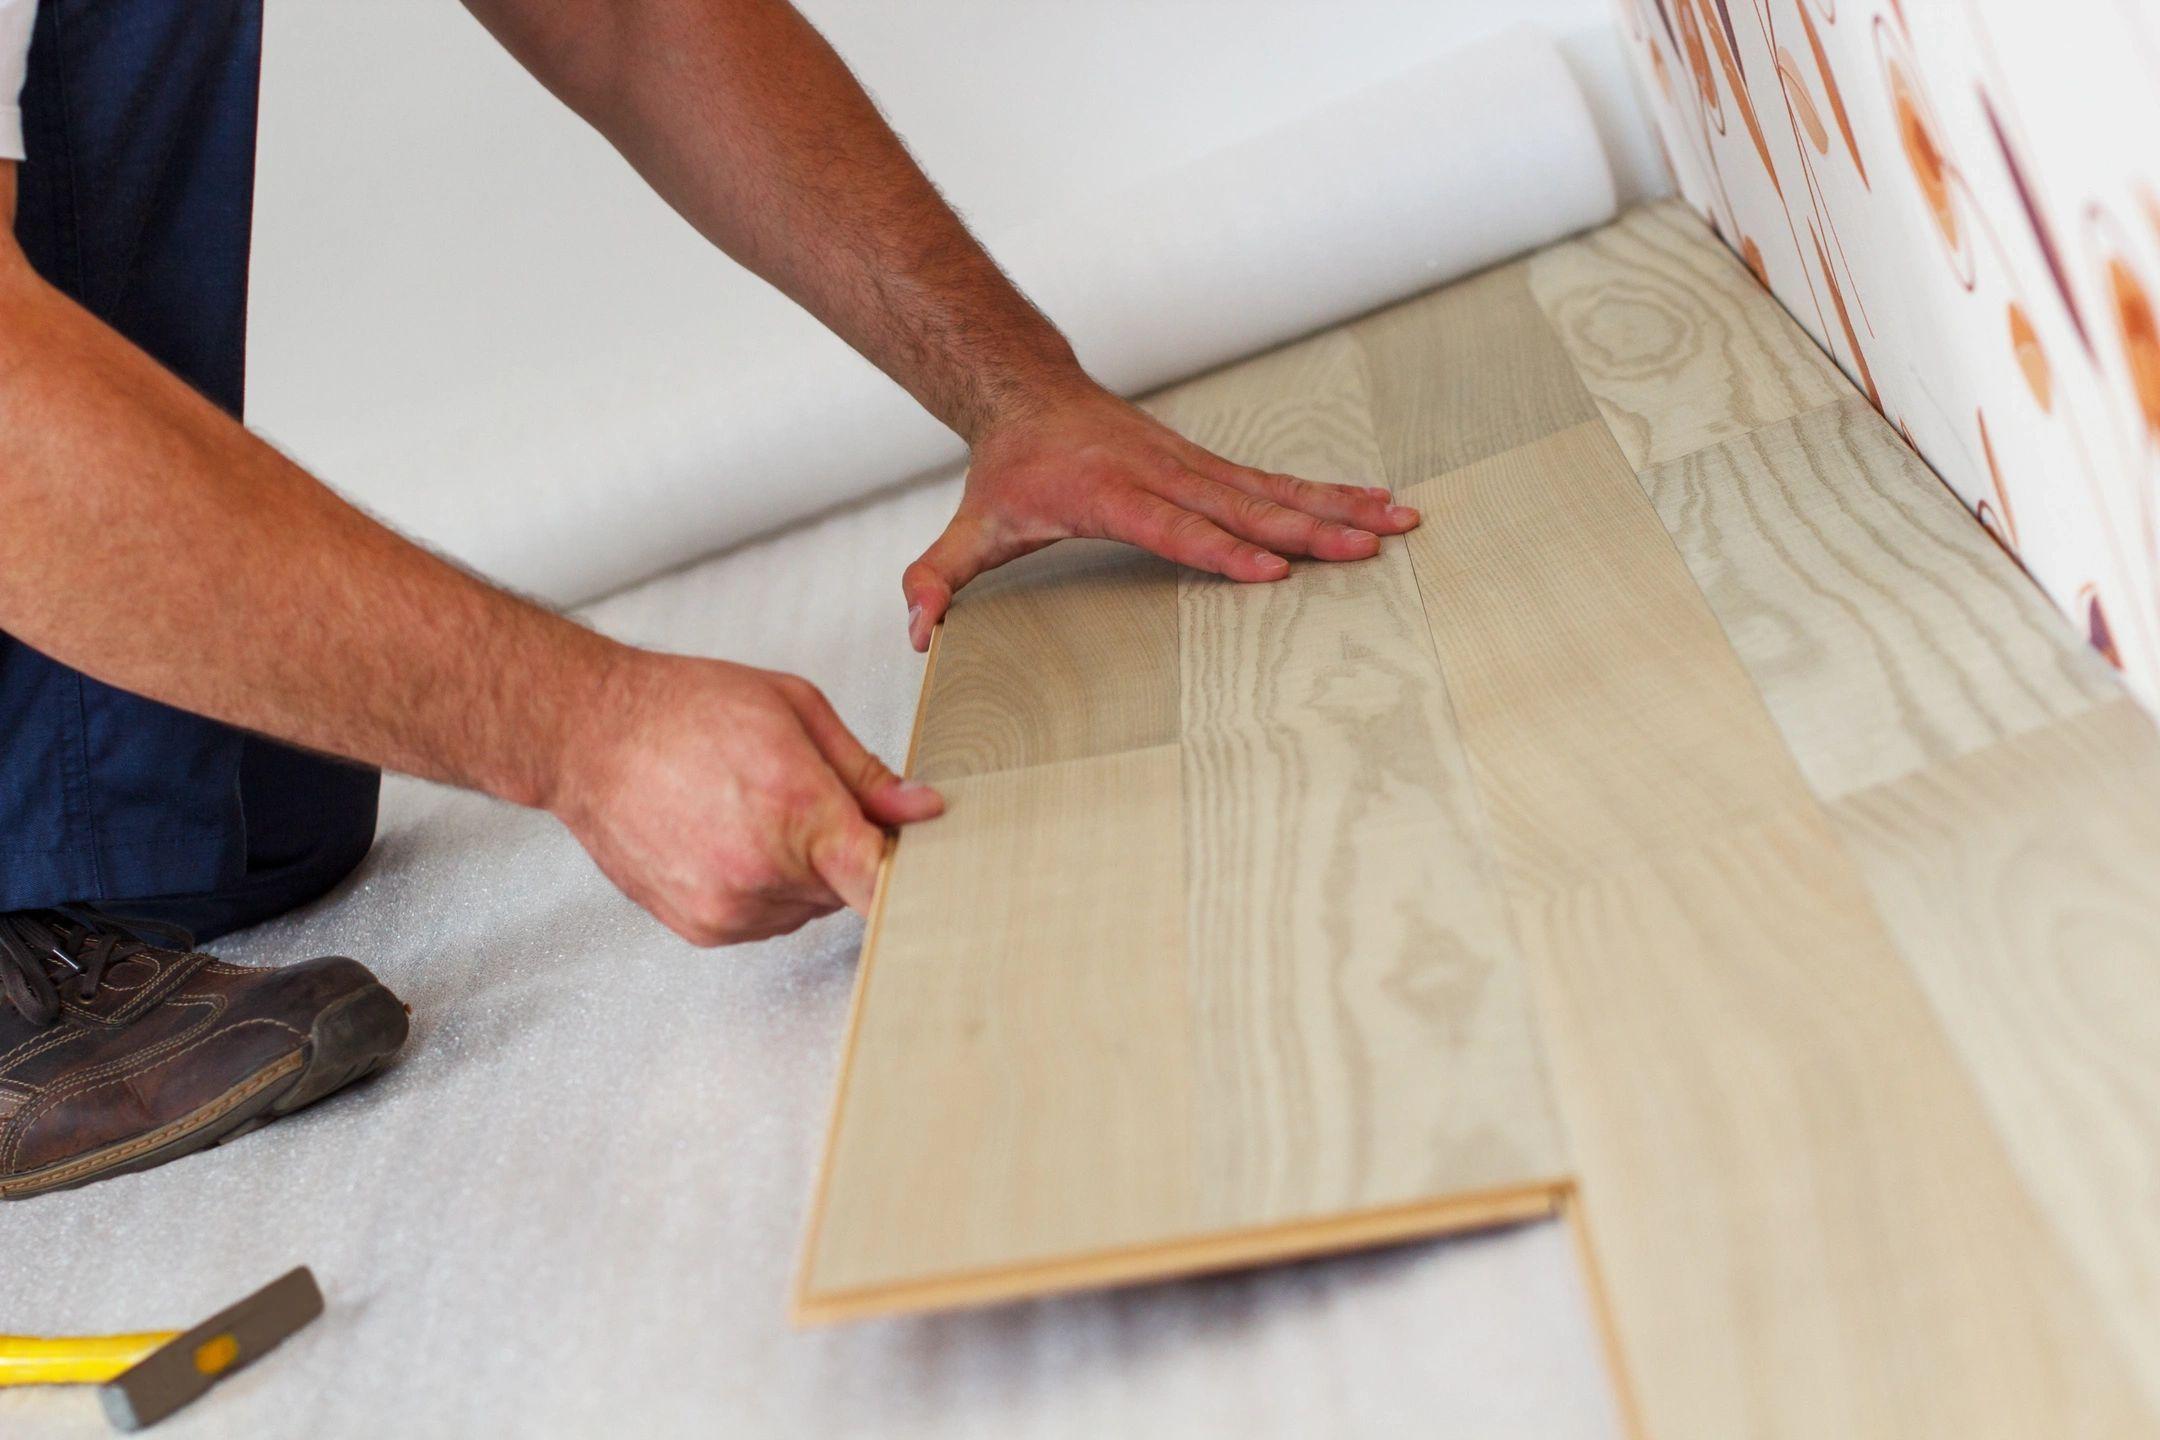 Light brown wood grain vinyl plank flooring being installed